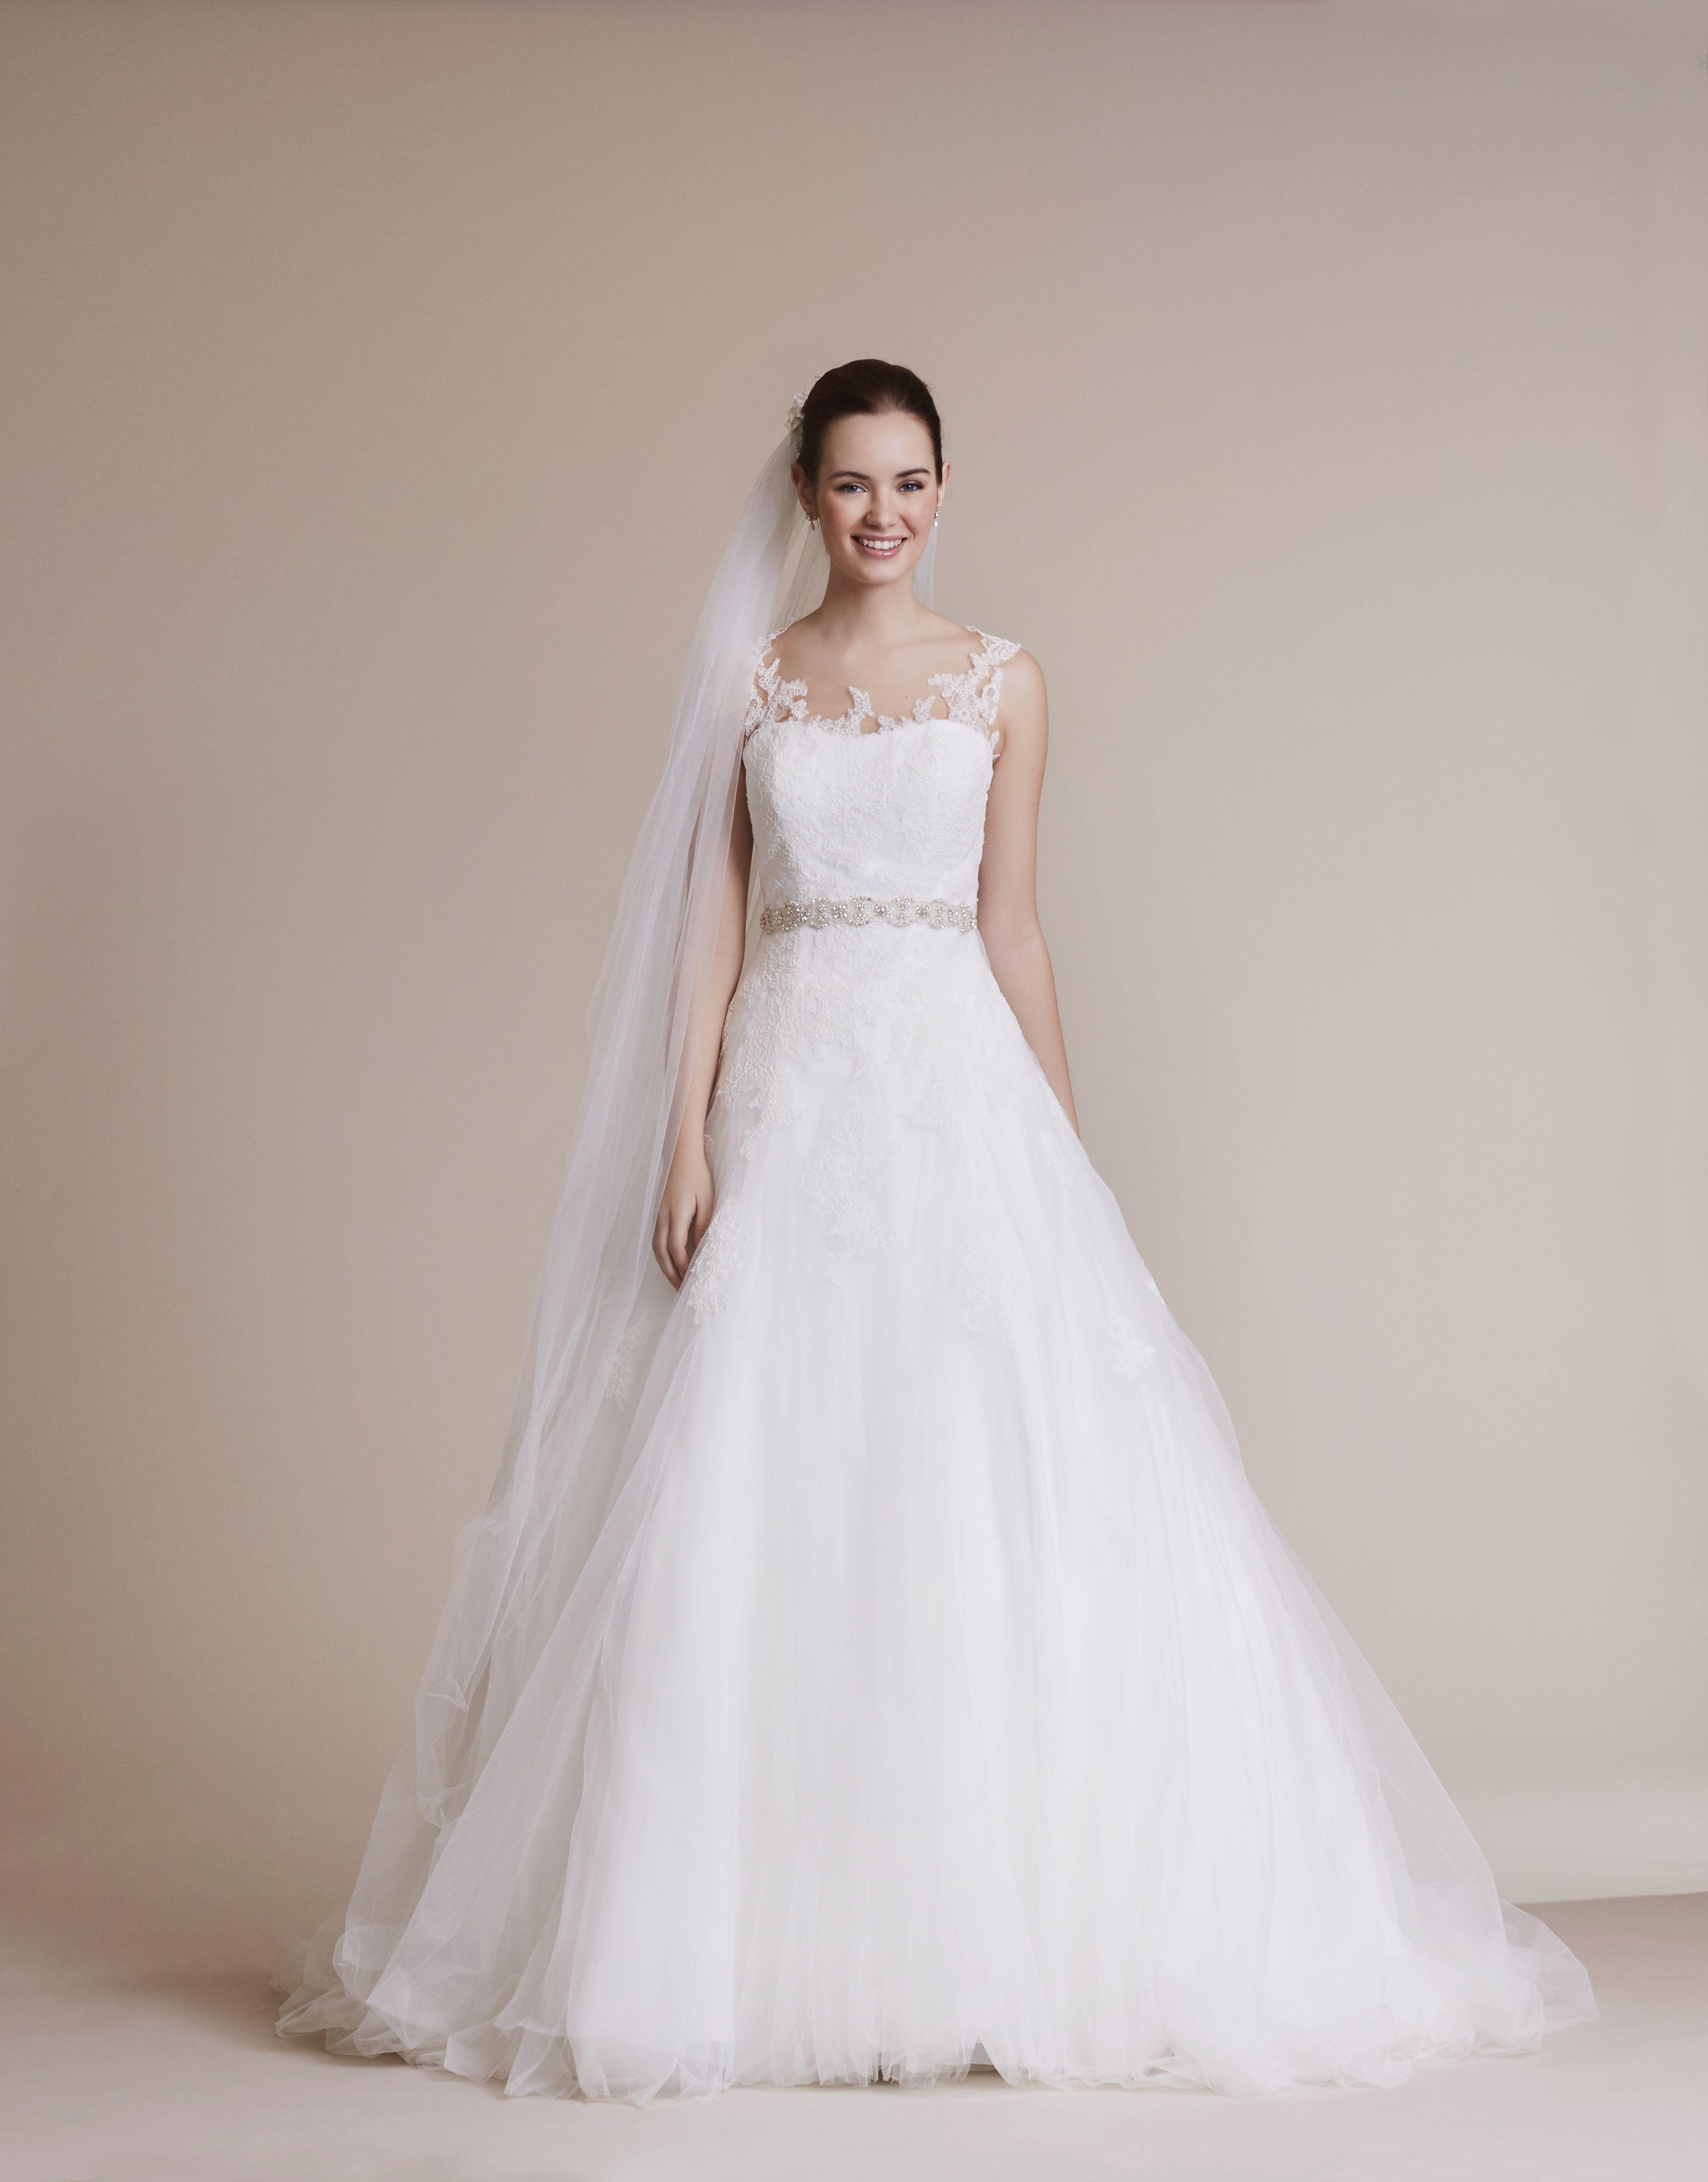 Lilly 15  Kleider hochzeit, Brautmode, Brautkleid